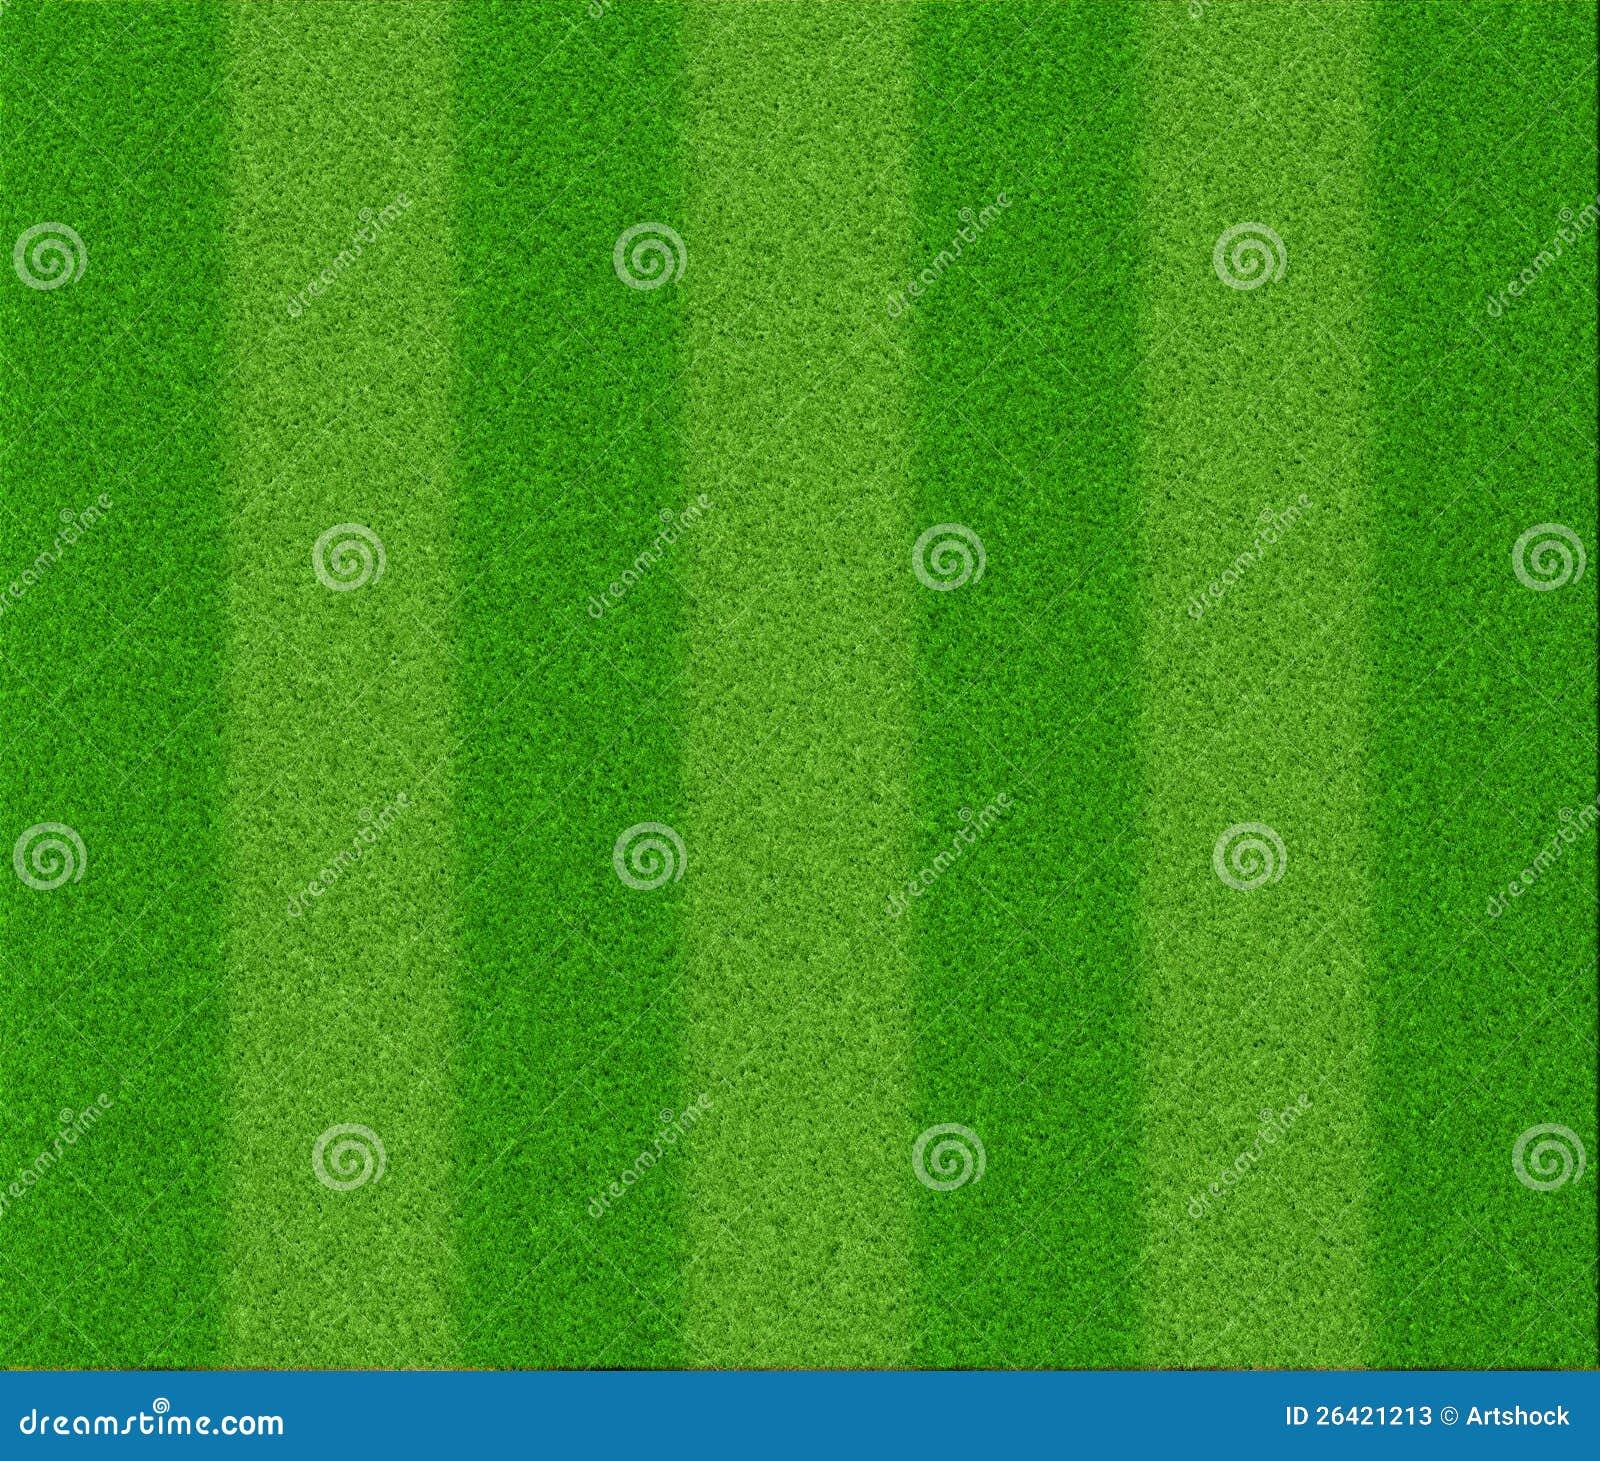 Fotbollgrästextur